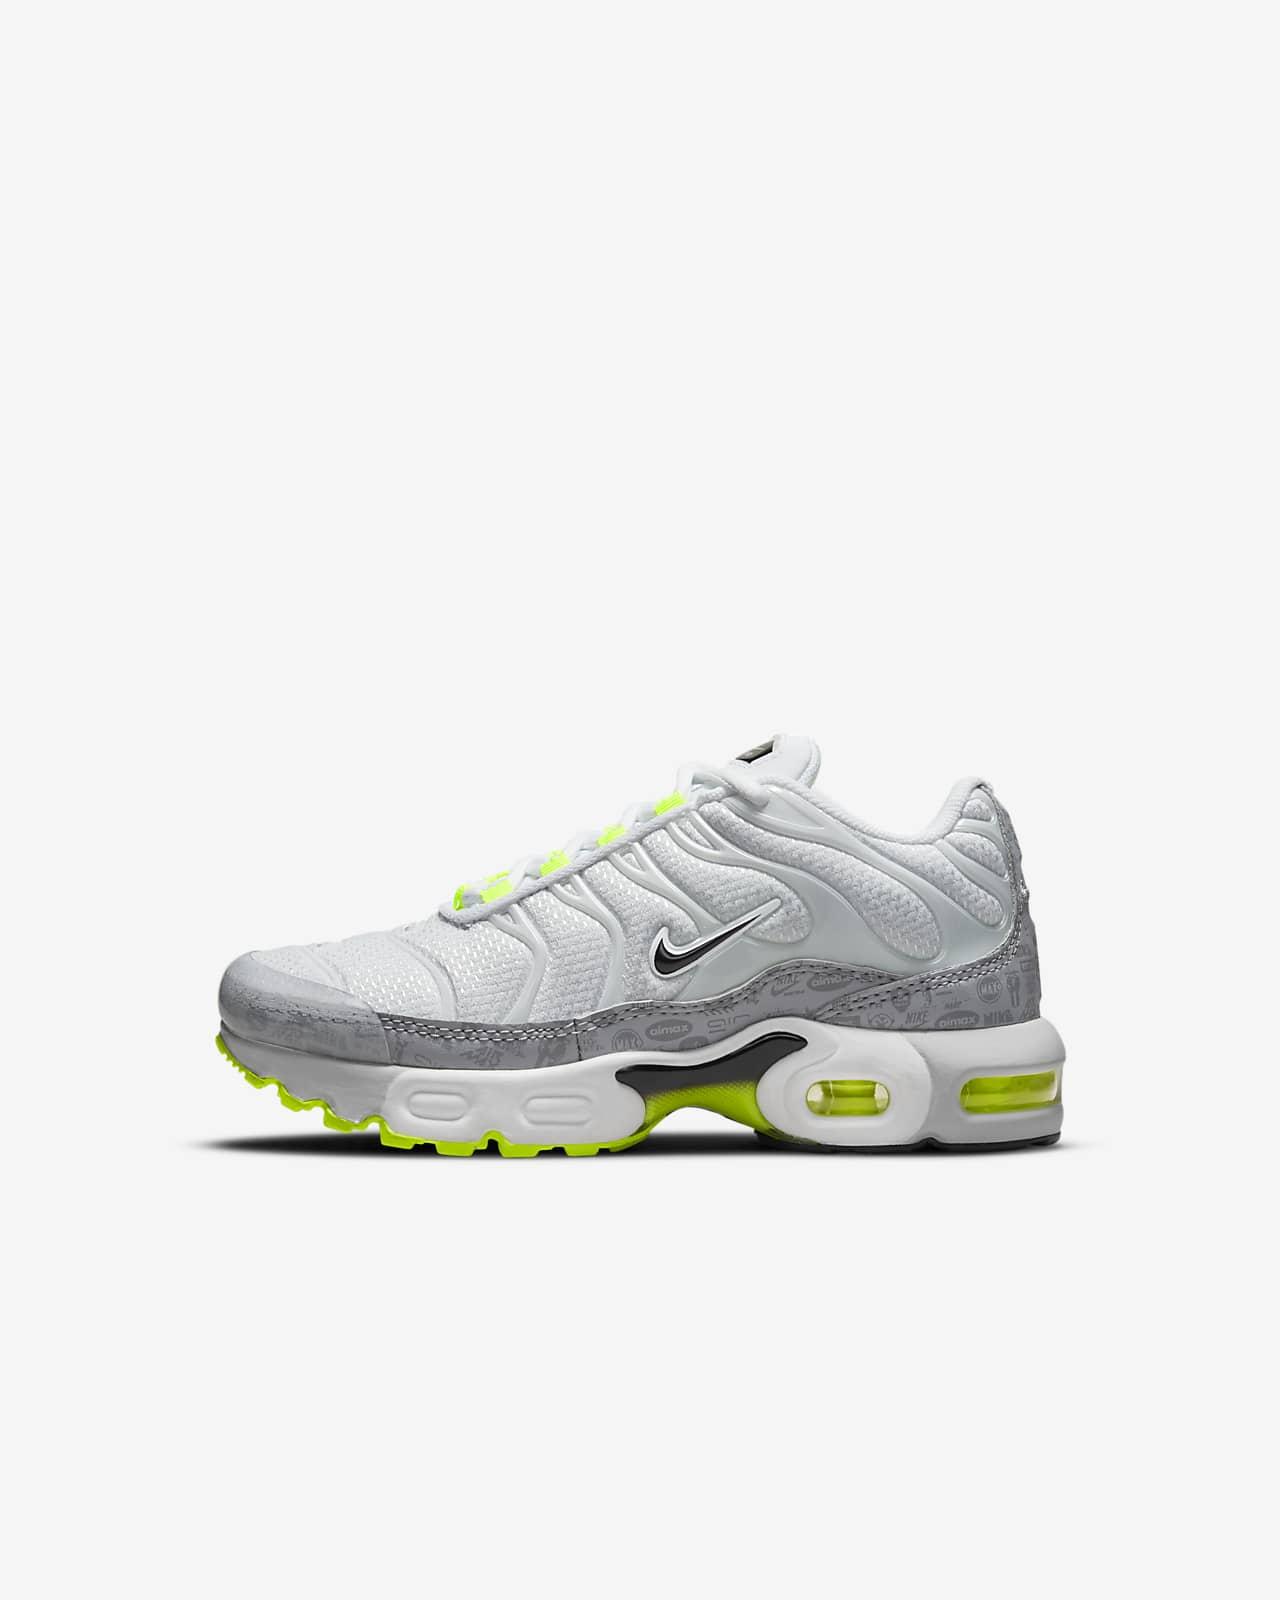 Παπούτσια Nike Air Max Plus για μικρά παιδιά